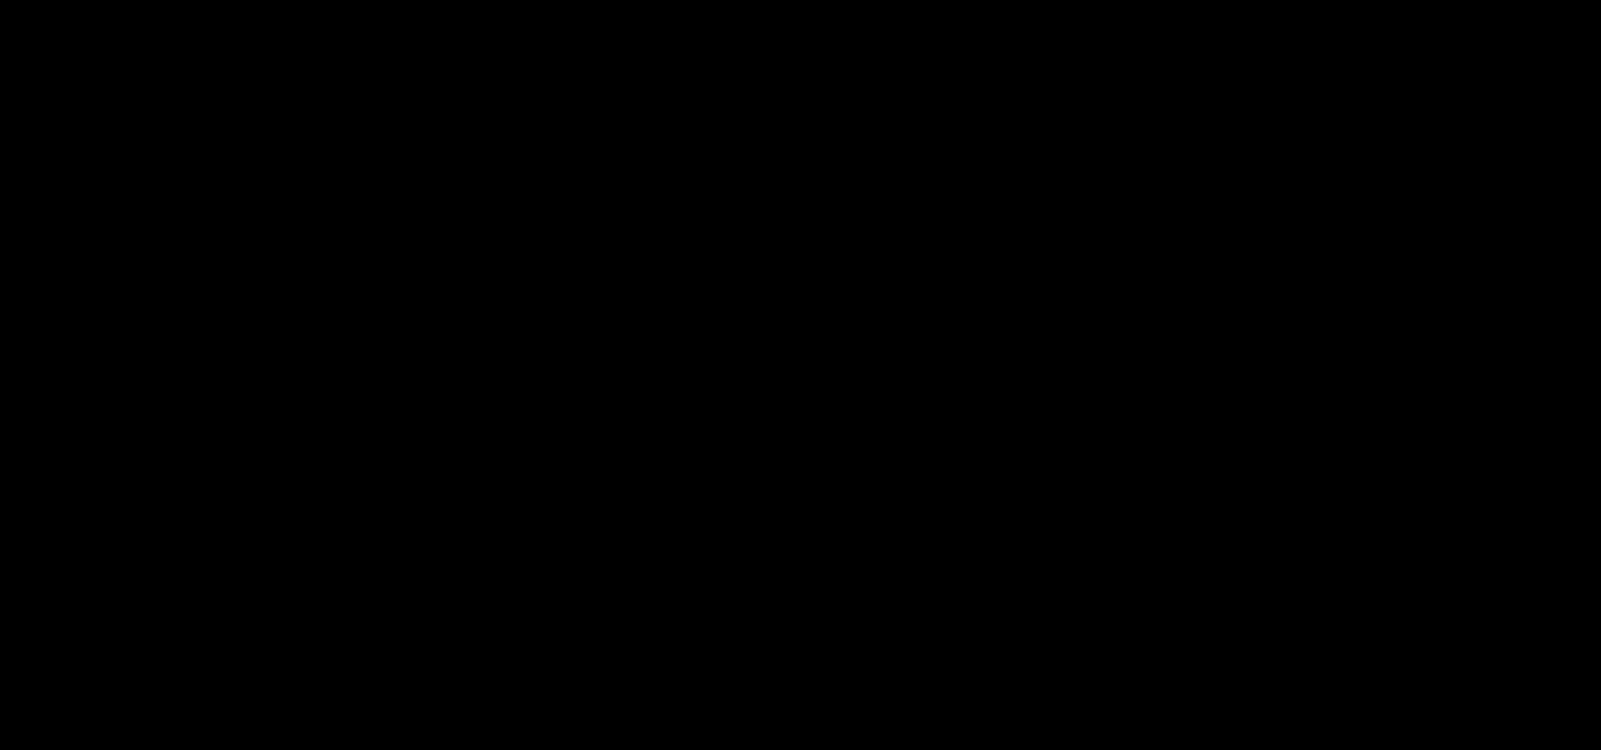 Area,Logo,Small To Medium Sized Cats